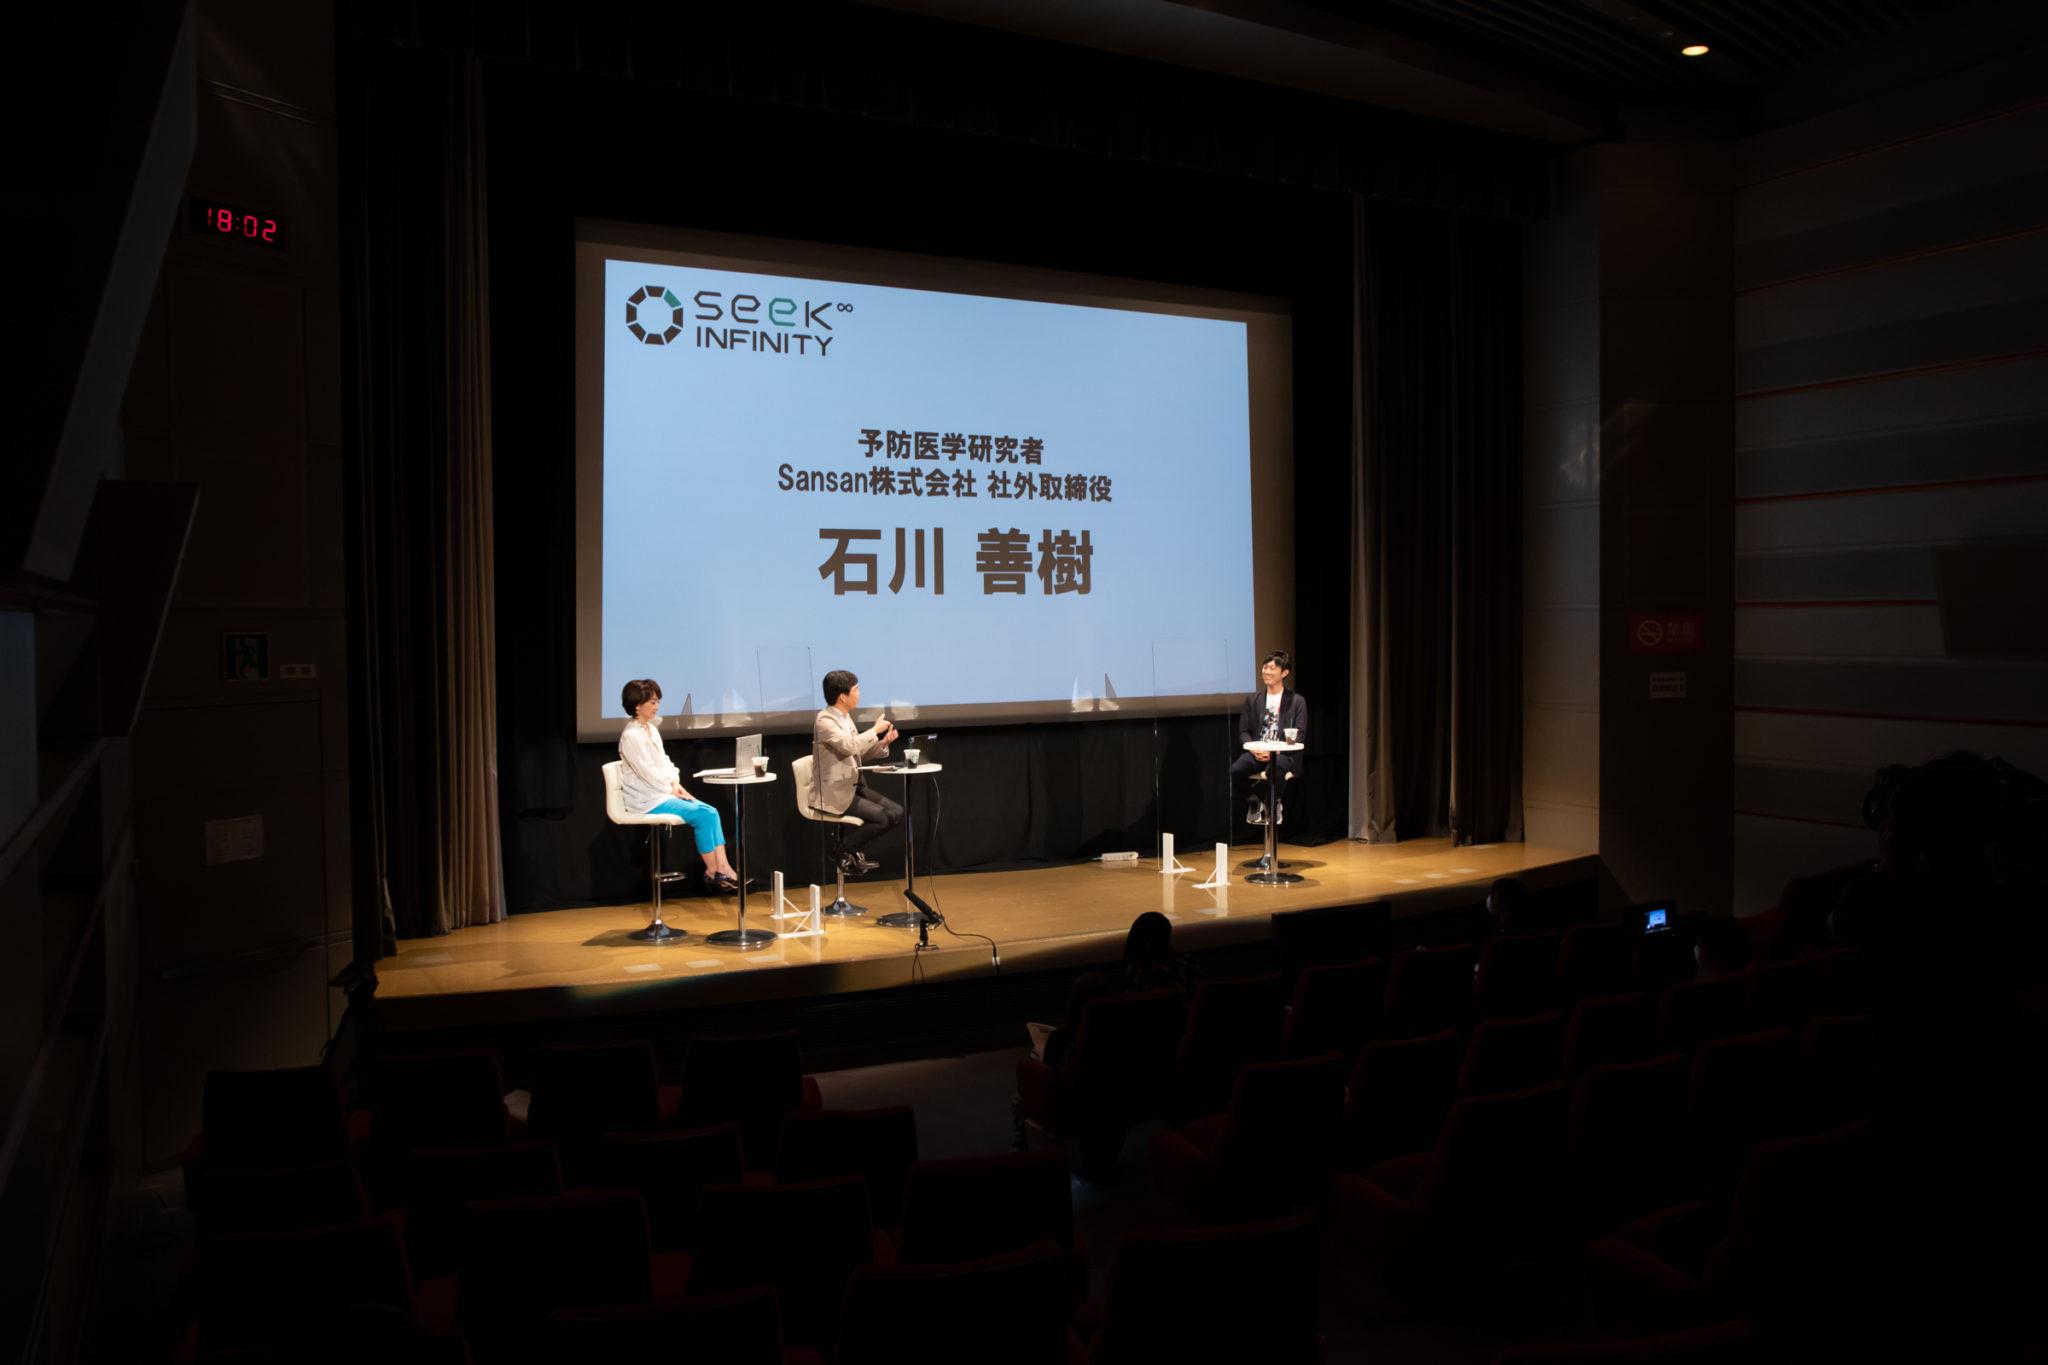 石川善樹と考える「名刺」の問題点。どうすればビジネスは進化する?<アイデアを生む方程式(前編)>